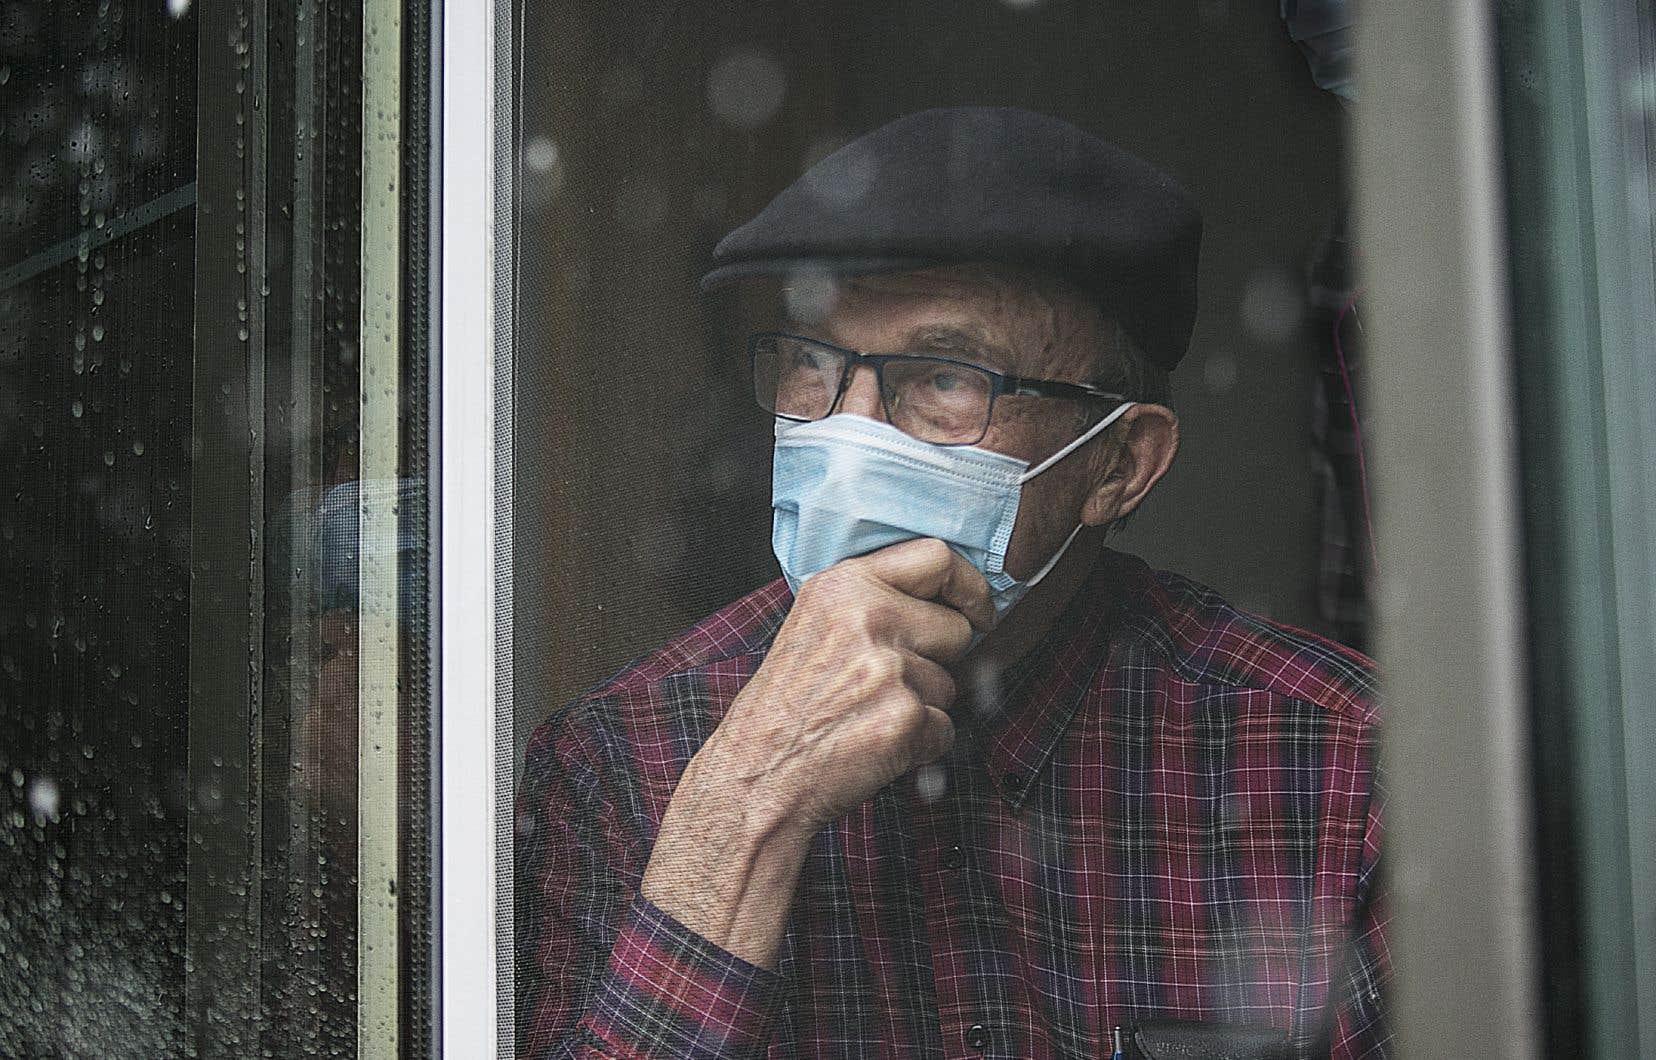 Les signataires expriment une vive inquiétude devant les attitudes âgistes qui s'expriment consciemment ou inconsciemment durant cette pandémie.